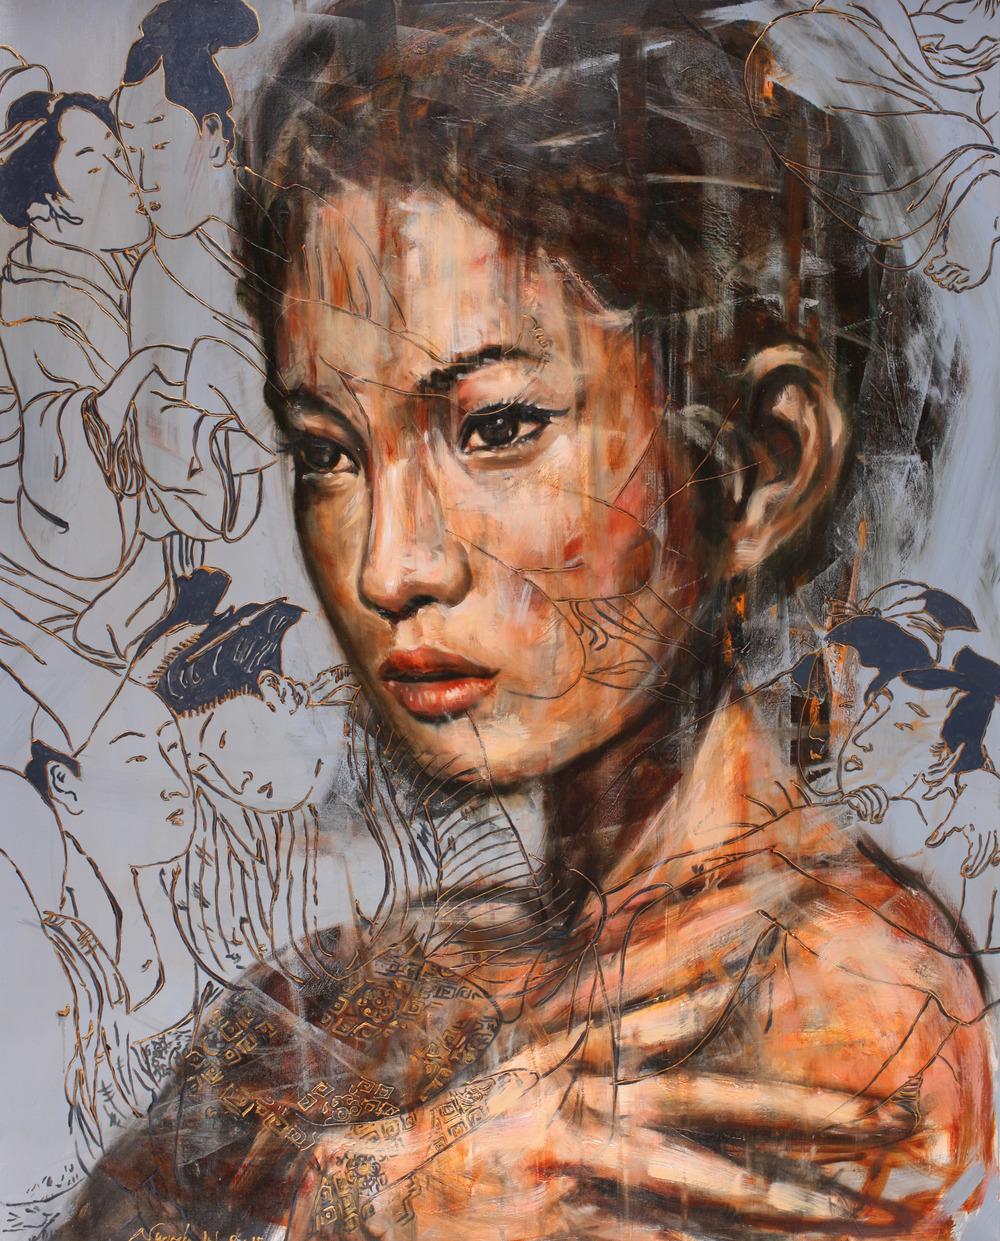 Nugroho WIJAYATMO, Oriental #3 , 2015, Acrylic on canvas, 150 x 120 cm